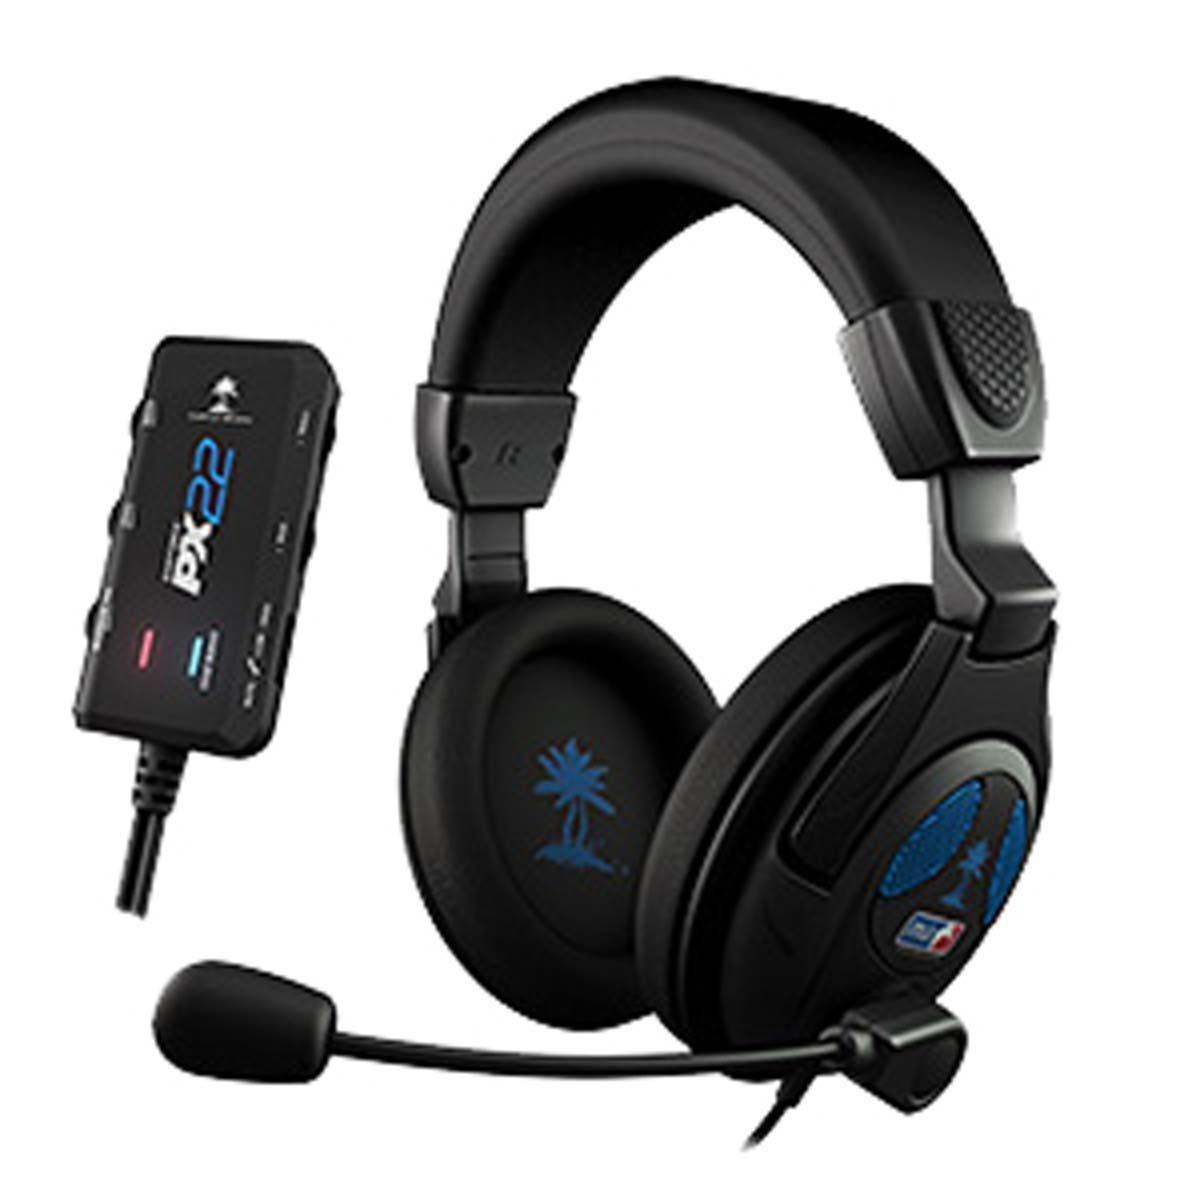 Ear Force PX22 casque filaire pour PS3  compatible PC/XBOX 360/Tablettes/ Samrtphones Turtle Beach